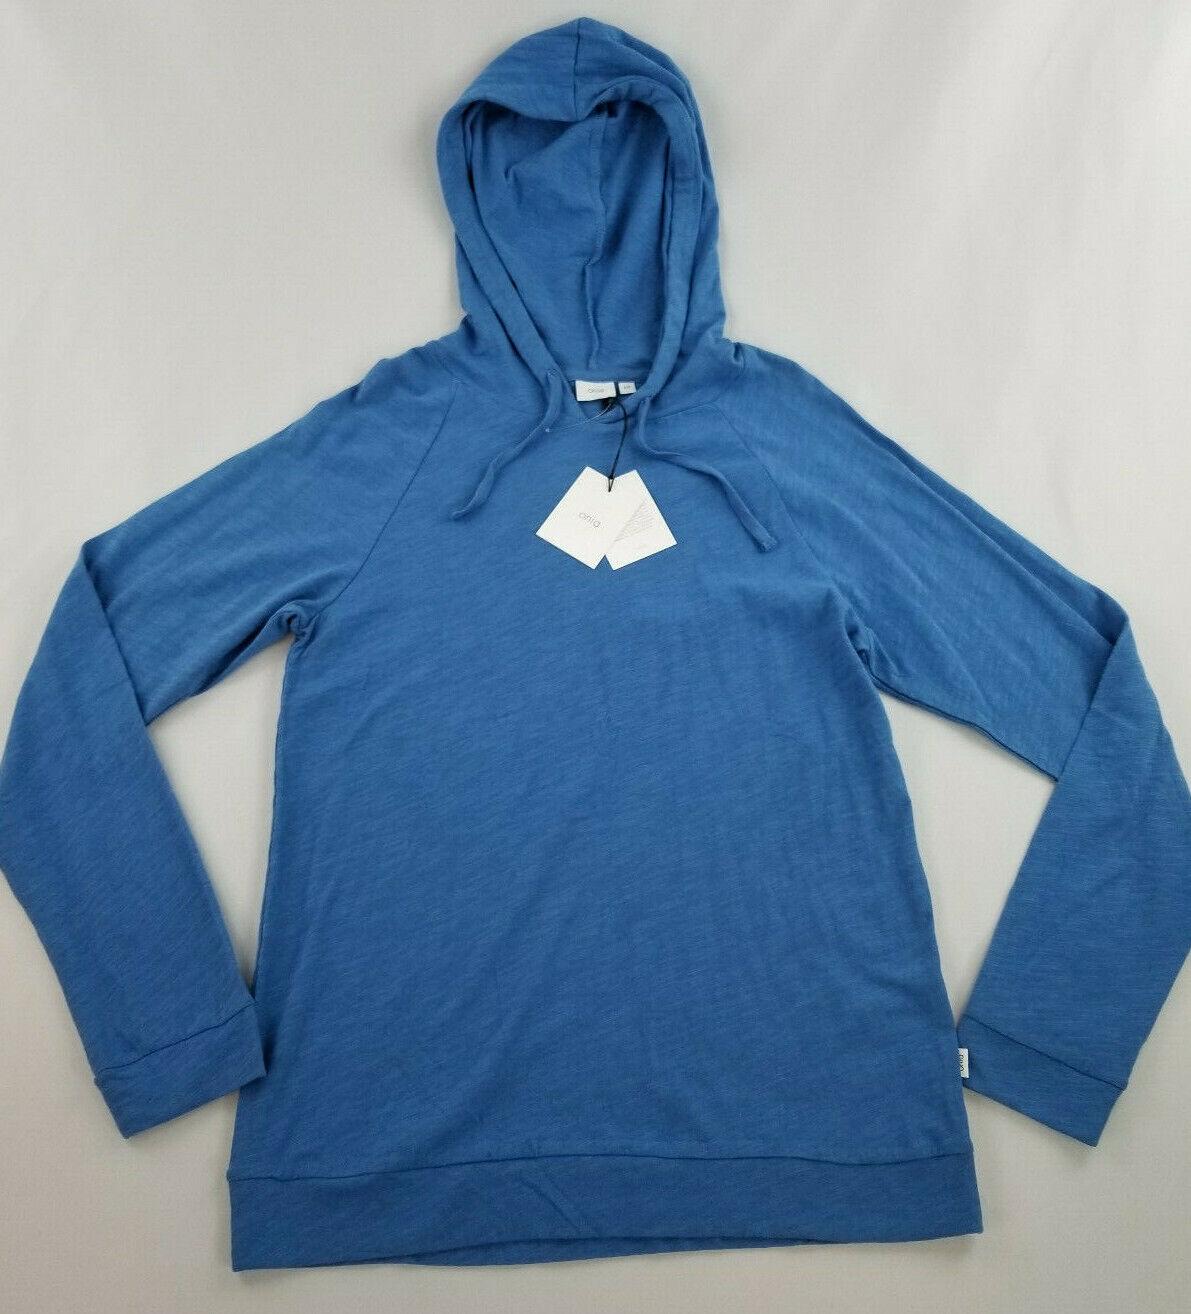 New ONIA men shirt top hoodie MCS32121001 royal bluee S MSRP